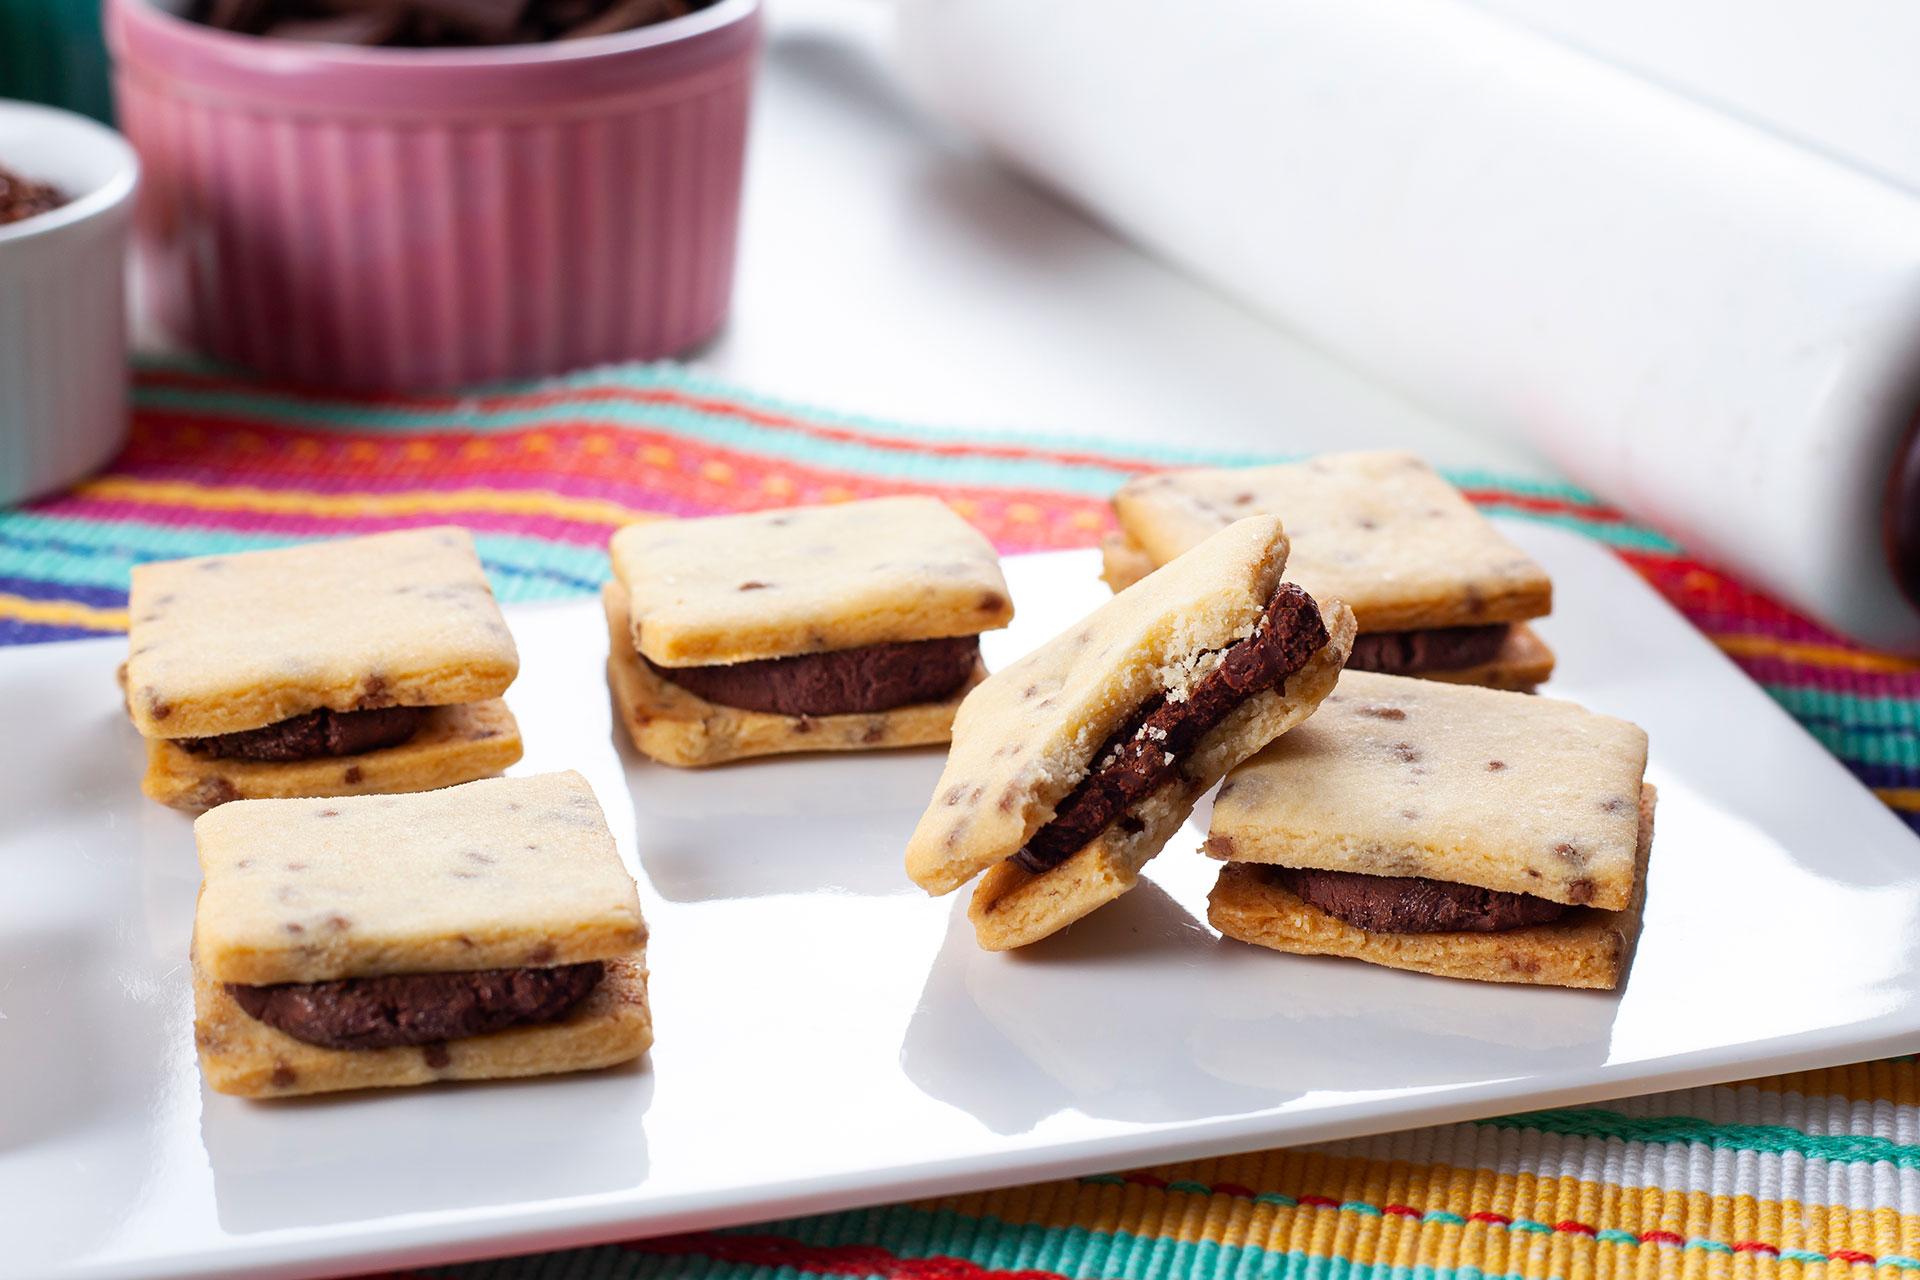 Imagem: Procurando uma receita simples e muito gostosa? Sem dúvida esse biscoito recheado super fácil é a escolha perfeita! E você ainda pode variar no preparo e deixar do jeito que você mais gostar de comer essa delícia. Foto: Na Minha Panela.